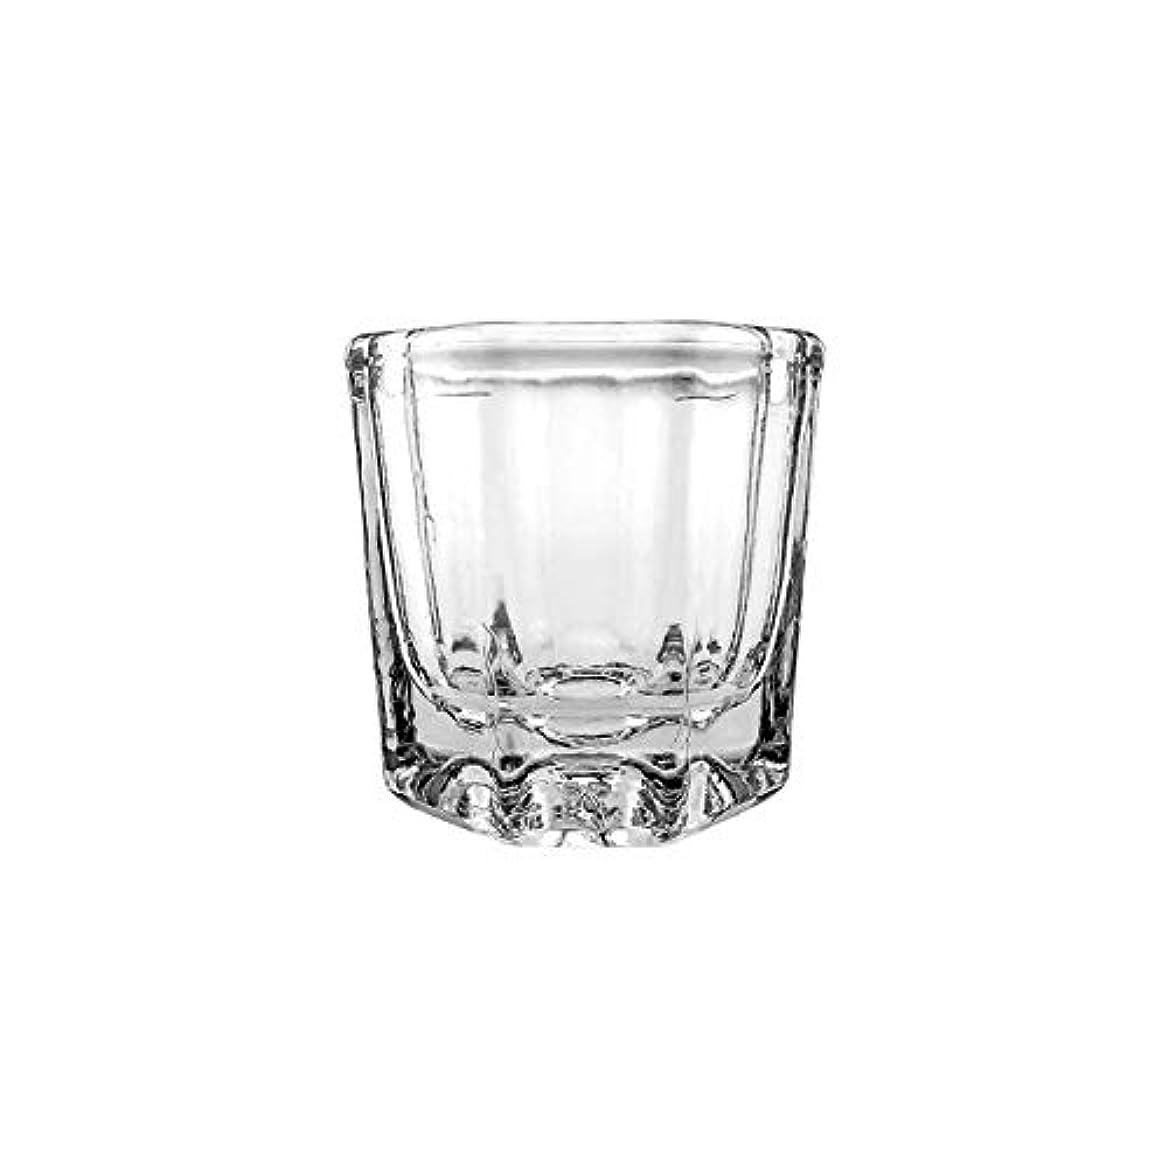 同等の美徳トレーダーLALONA ダッペンディッシュ (ガラス製) (耐溶剤) ジェルネイル スカルプチュア ブラシの洗浄に